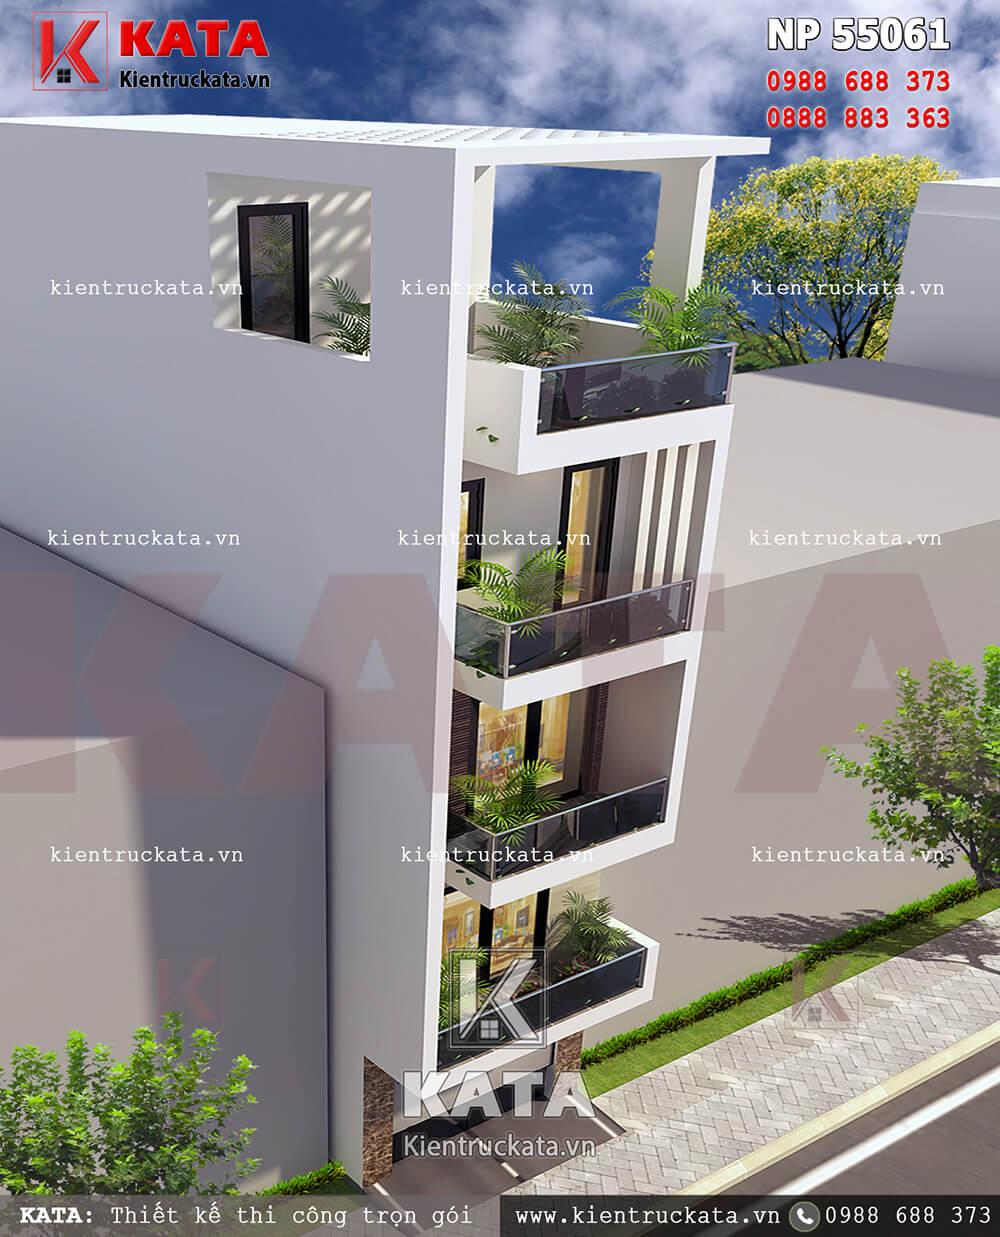 Mẫu thiết kế nhà lô phố 5 tầng đẹp tại Hải Dương nhìn từ trên cao